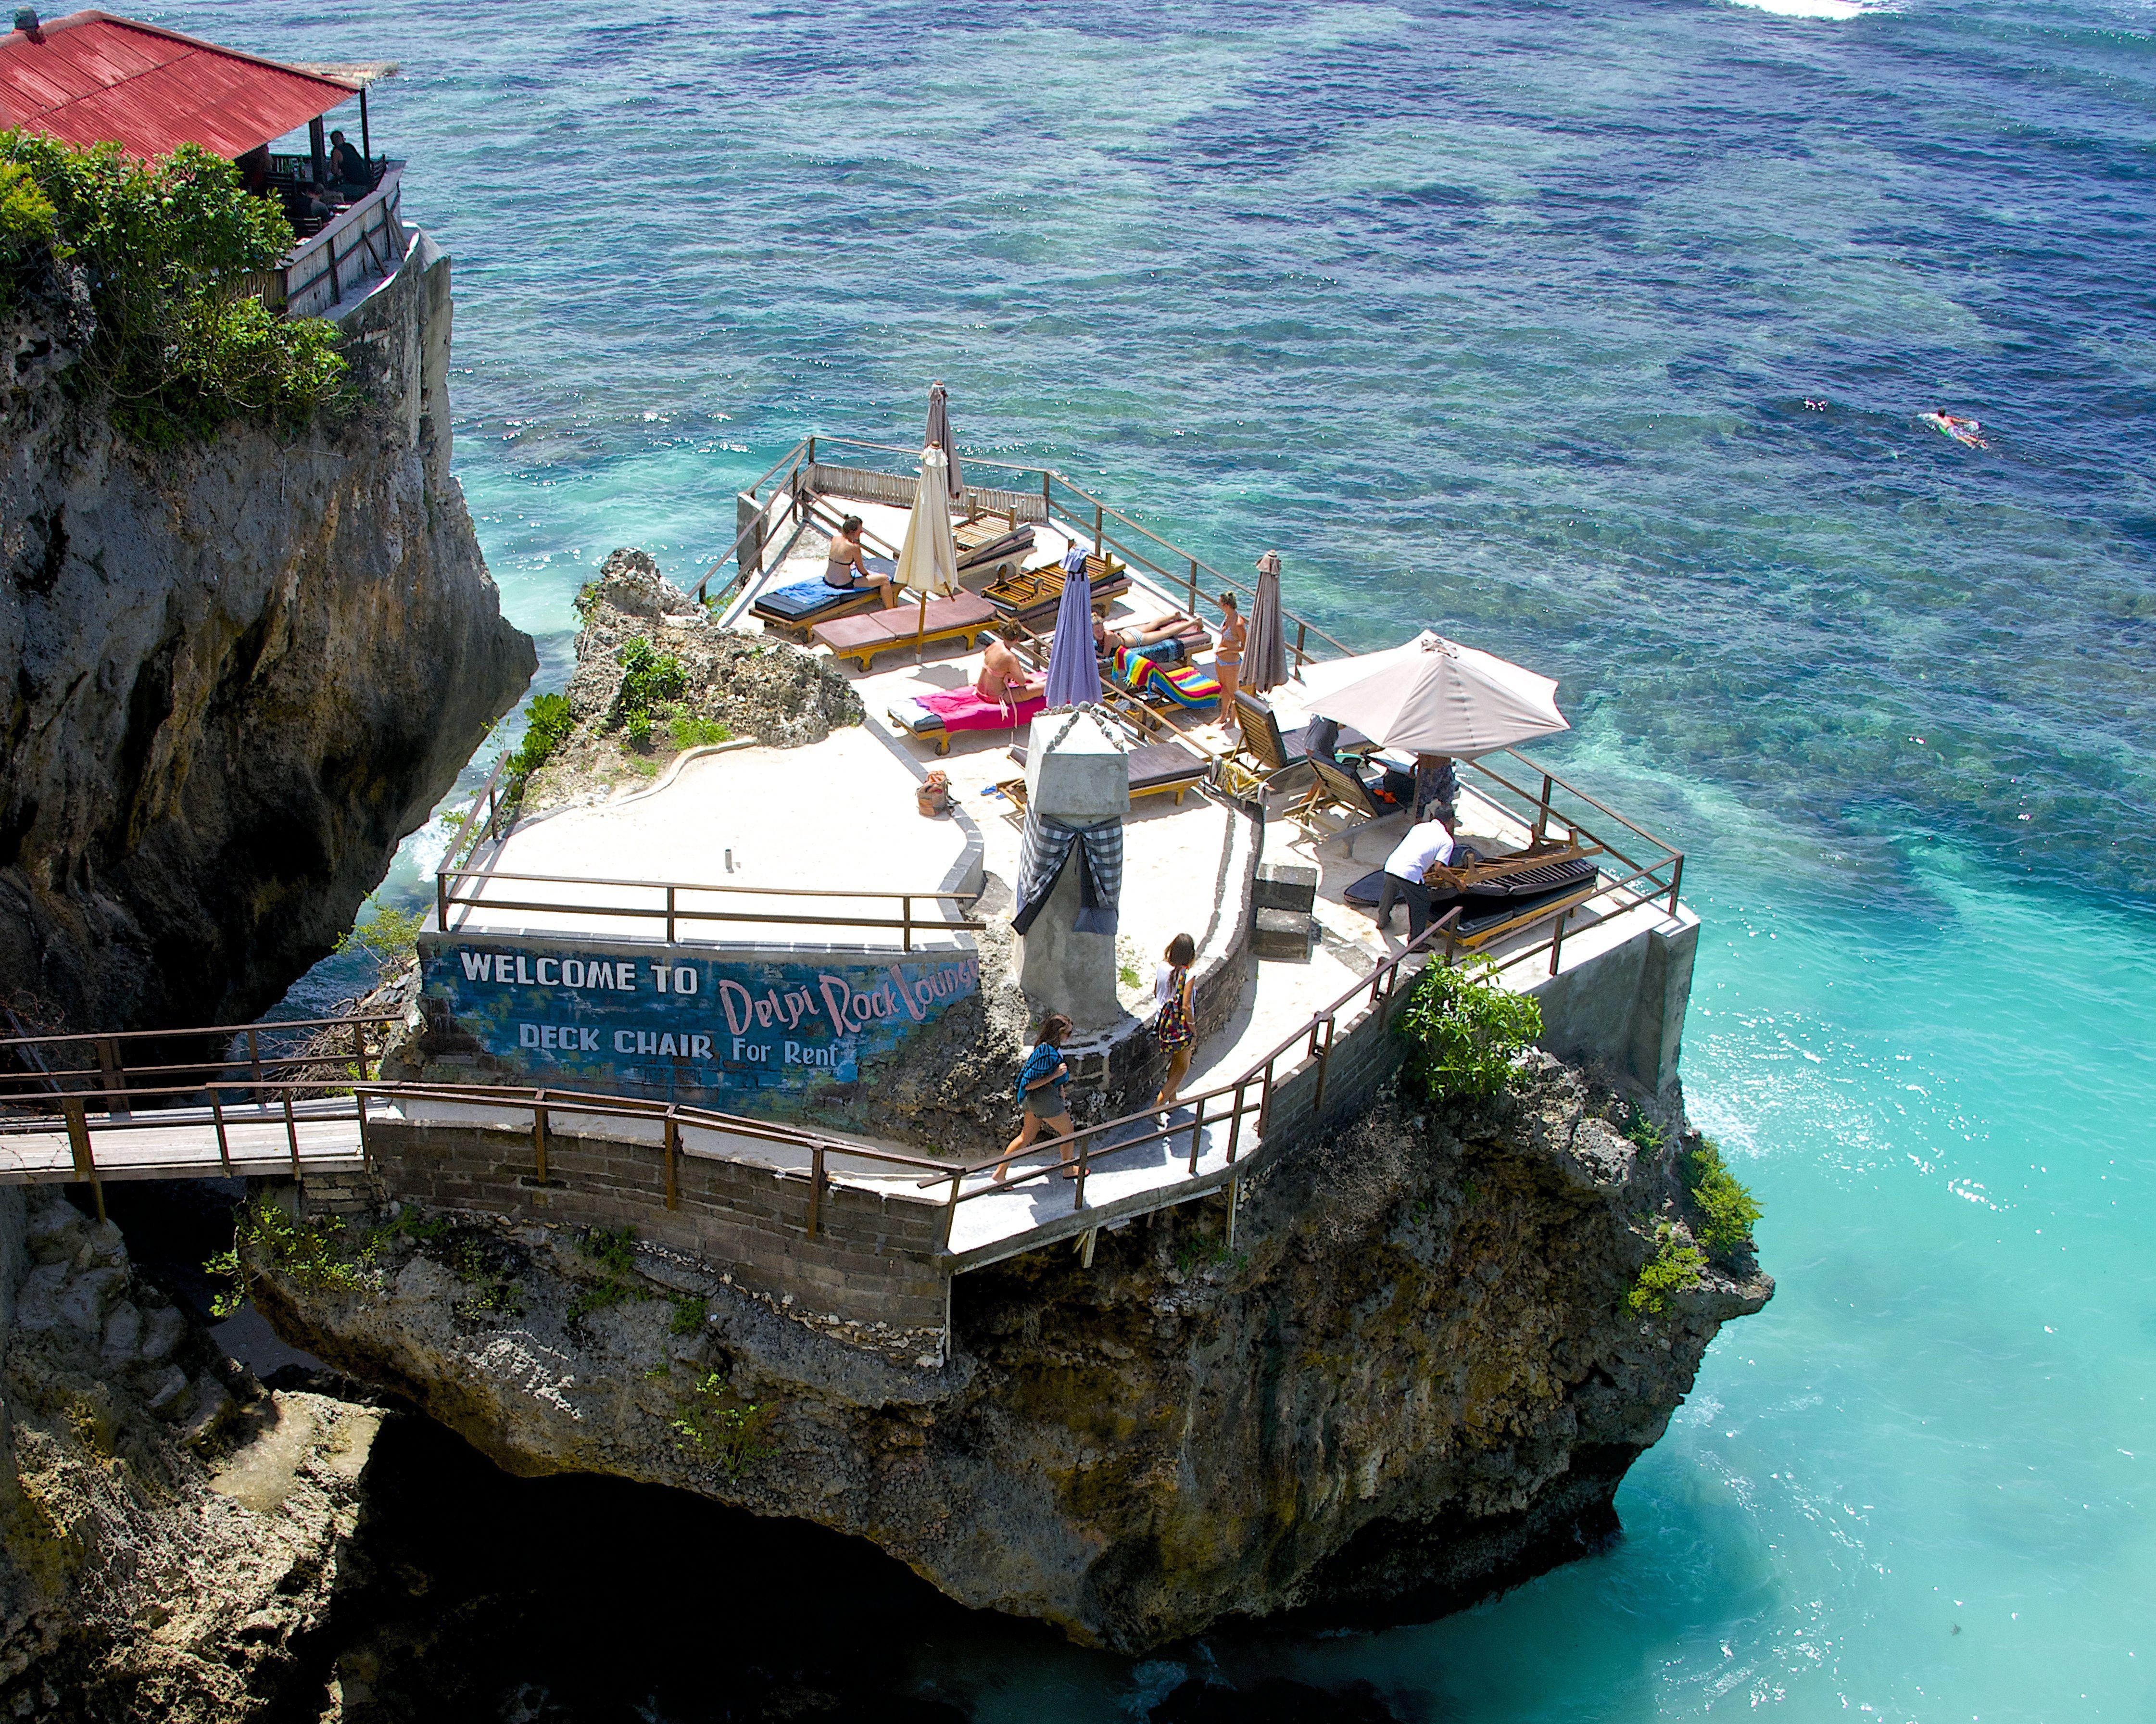 Delpi Rock Lounge Uluwatu Absolutely beautiful place It